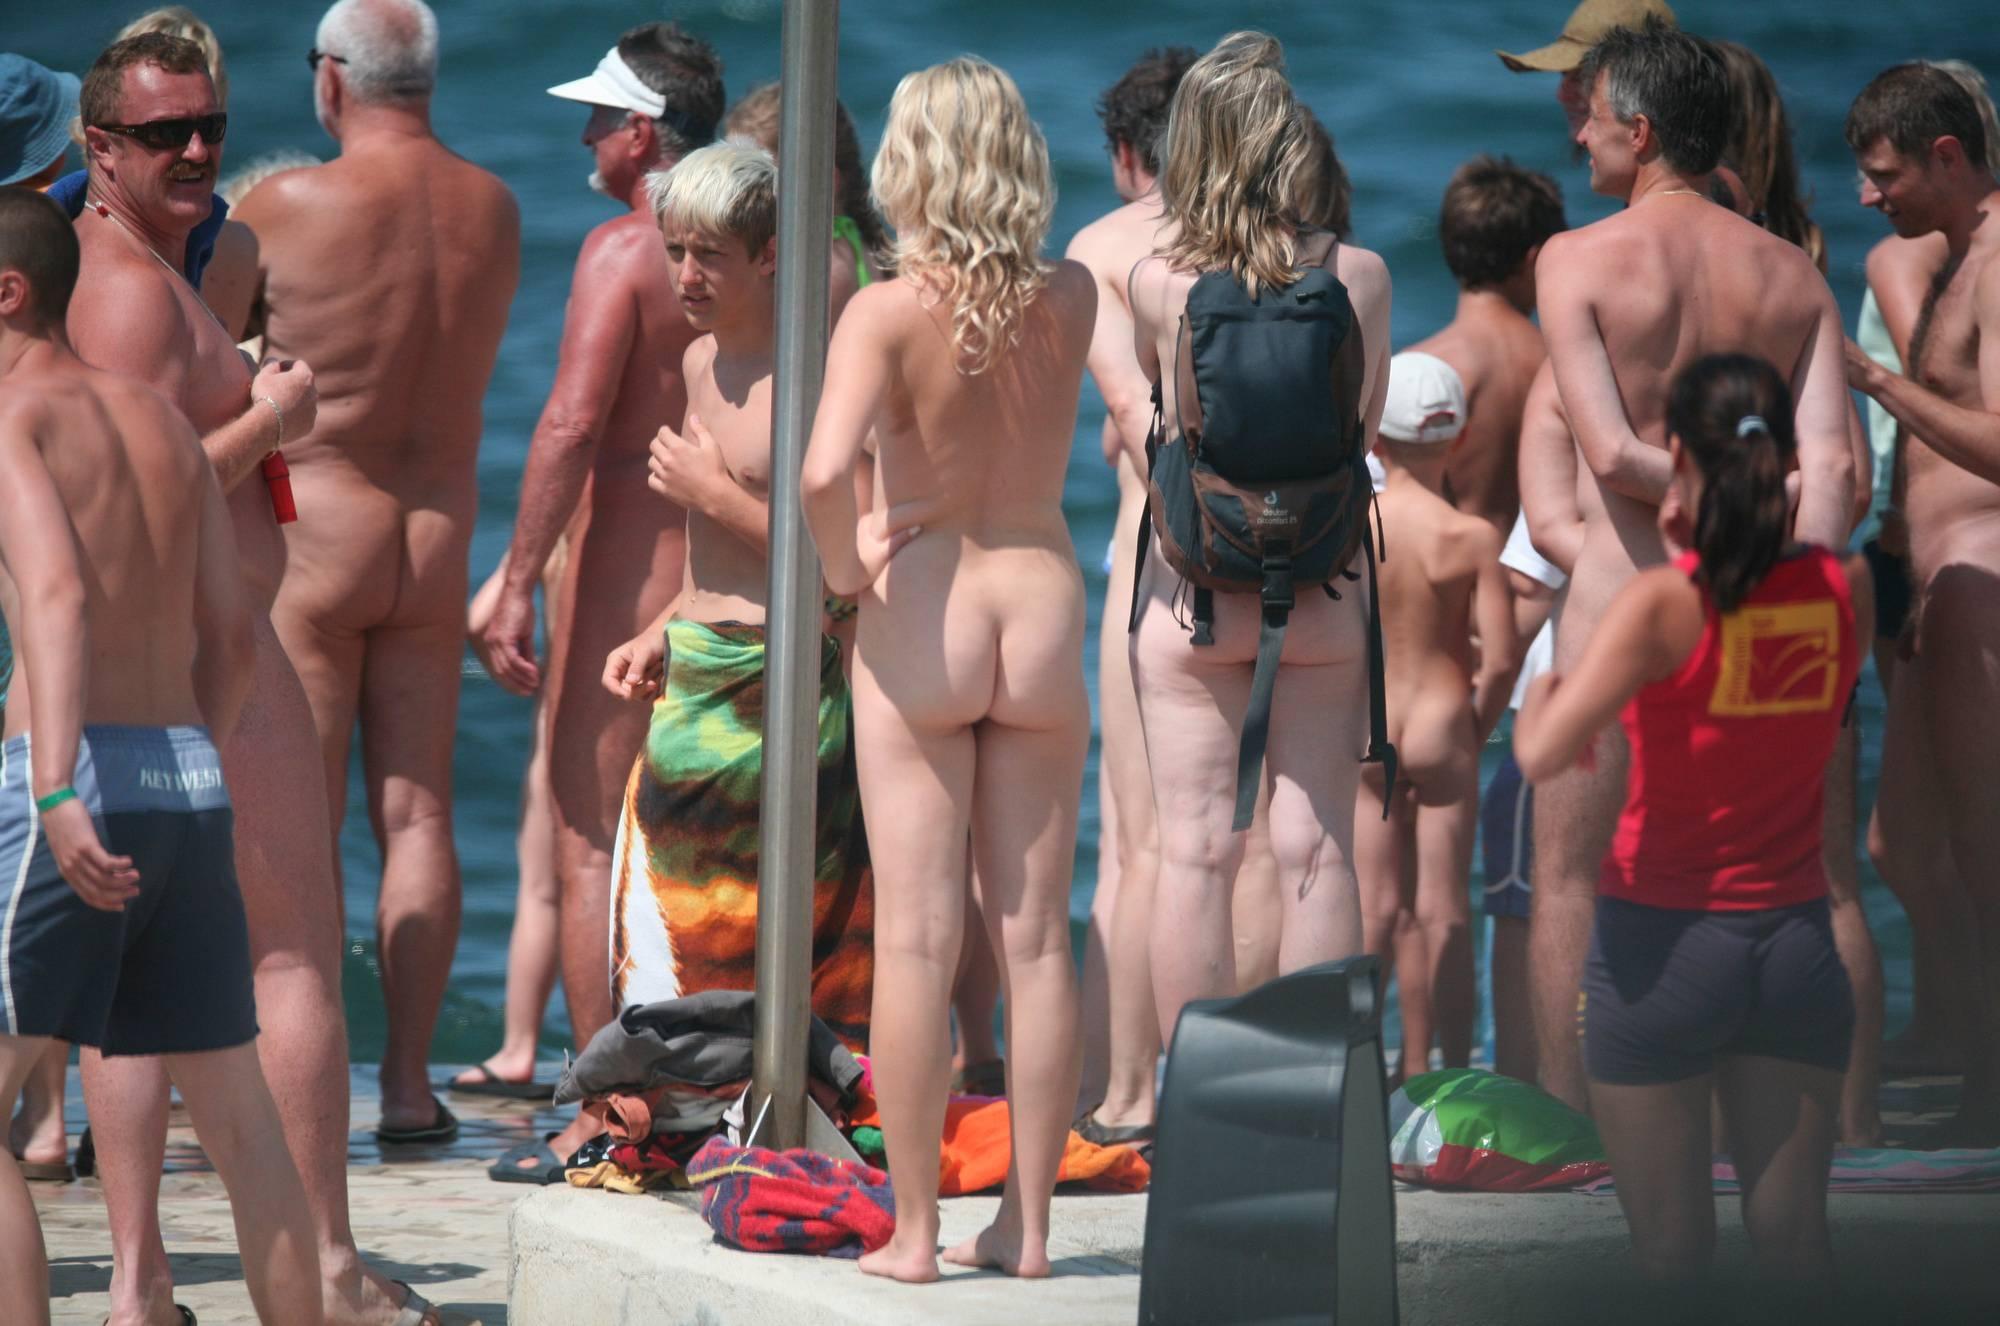 Nudist Photos Pier Sand Square Group - 1